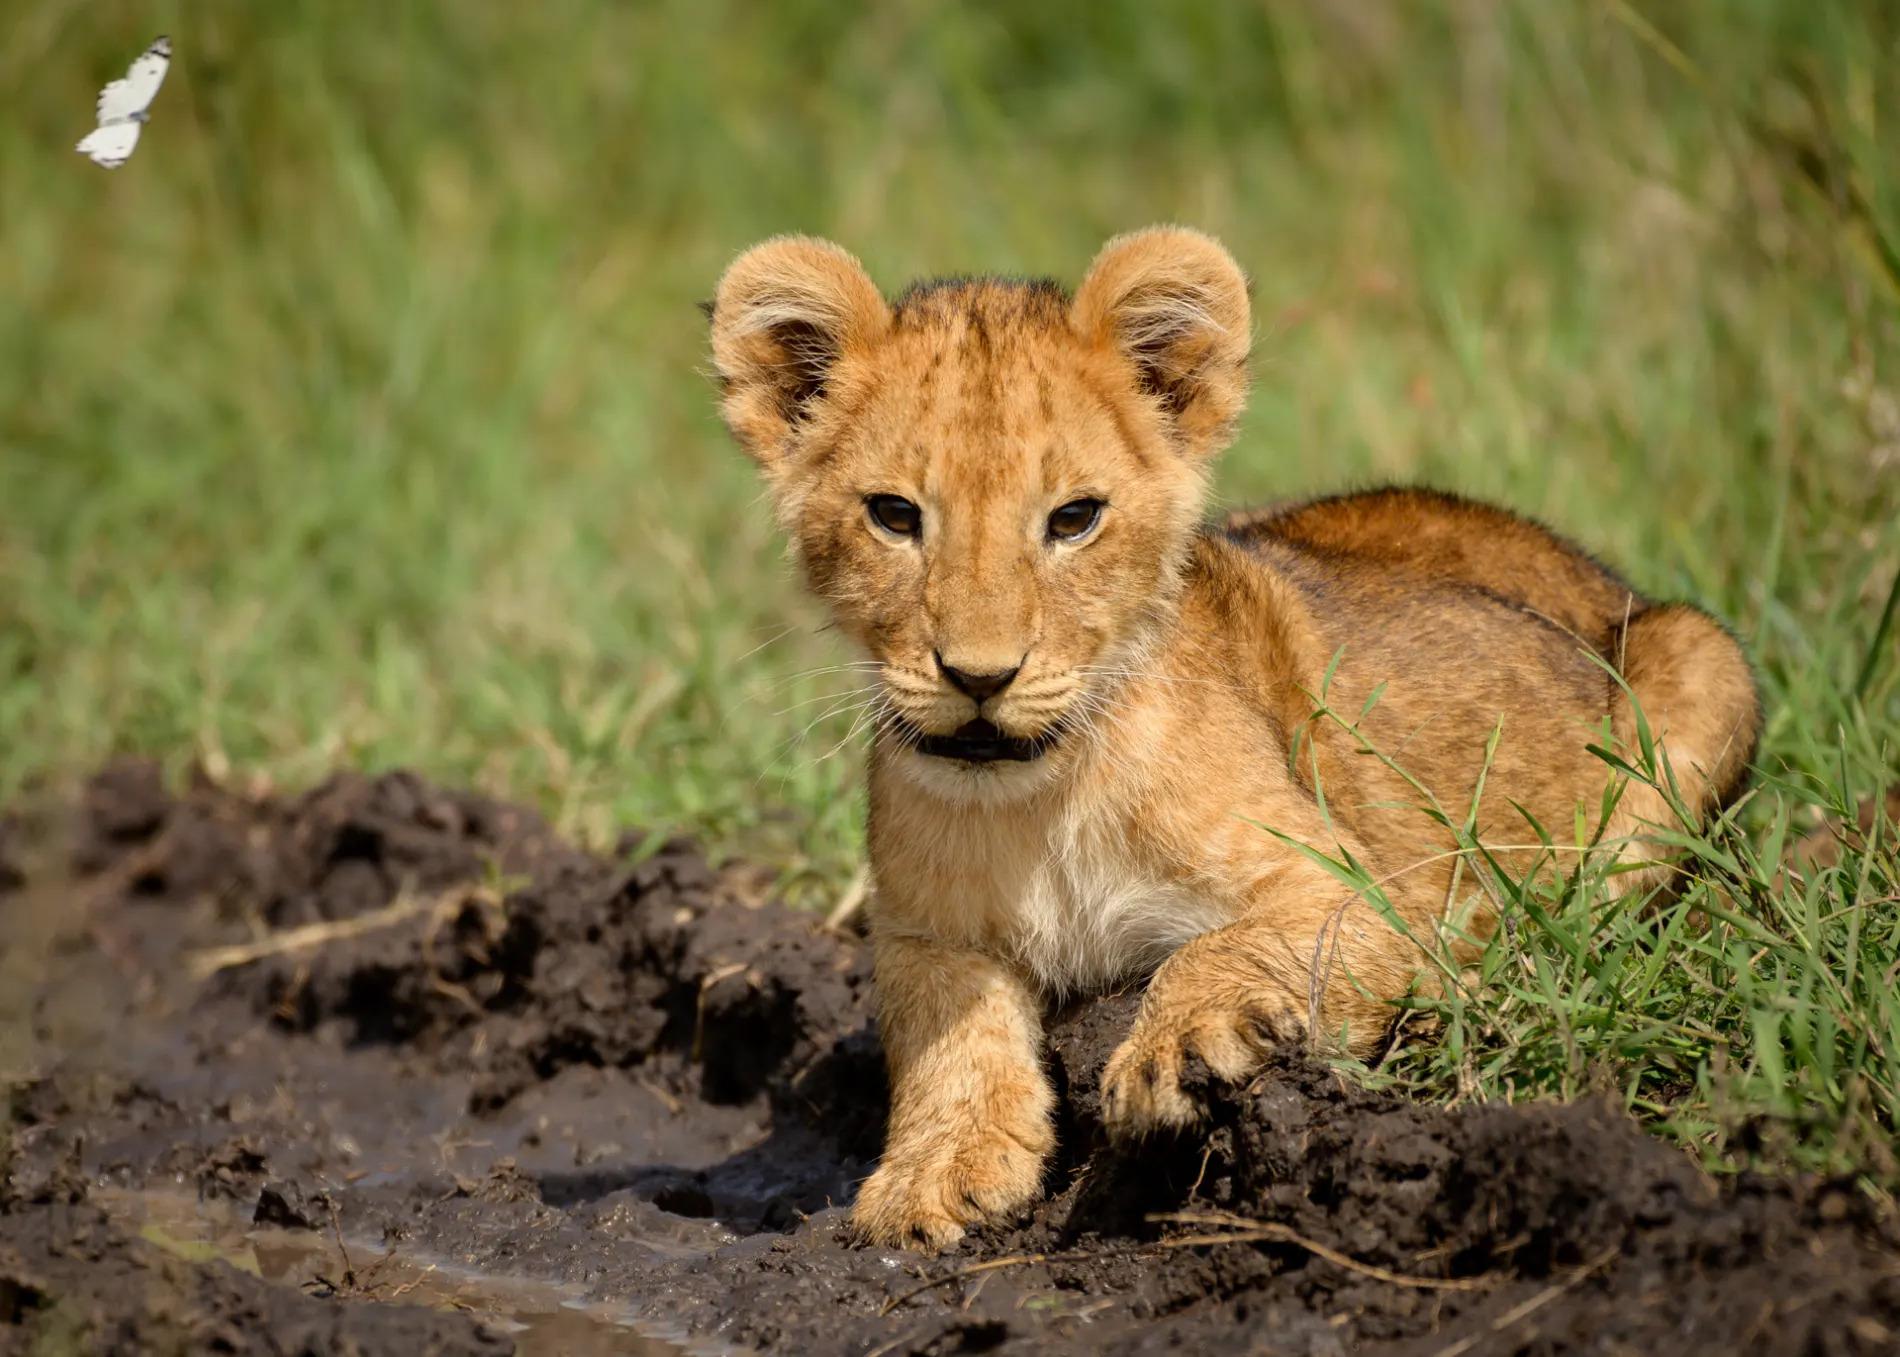 Solo lion cub